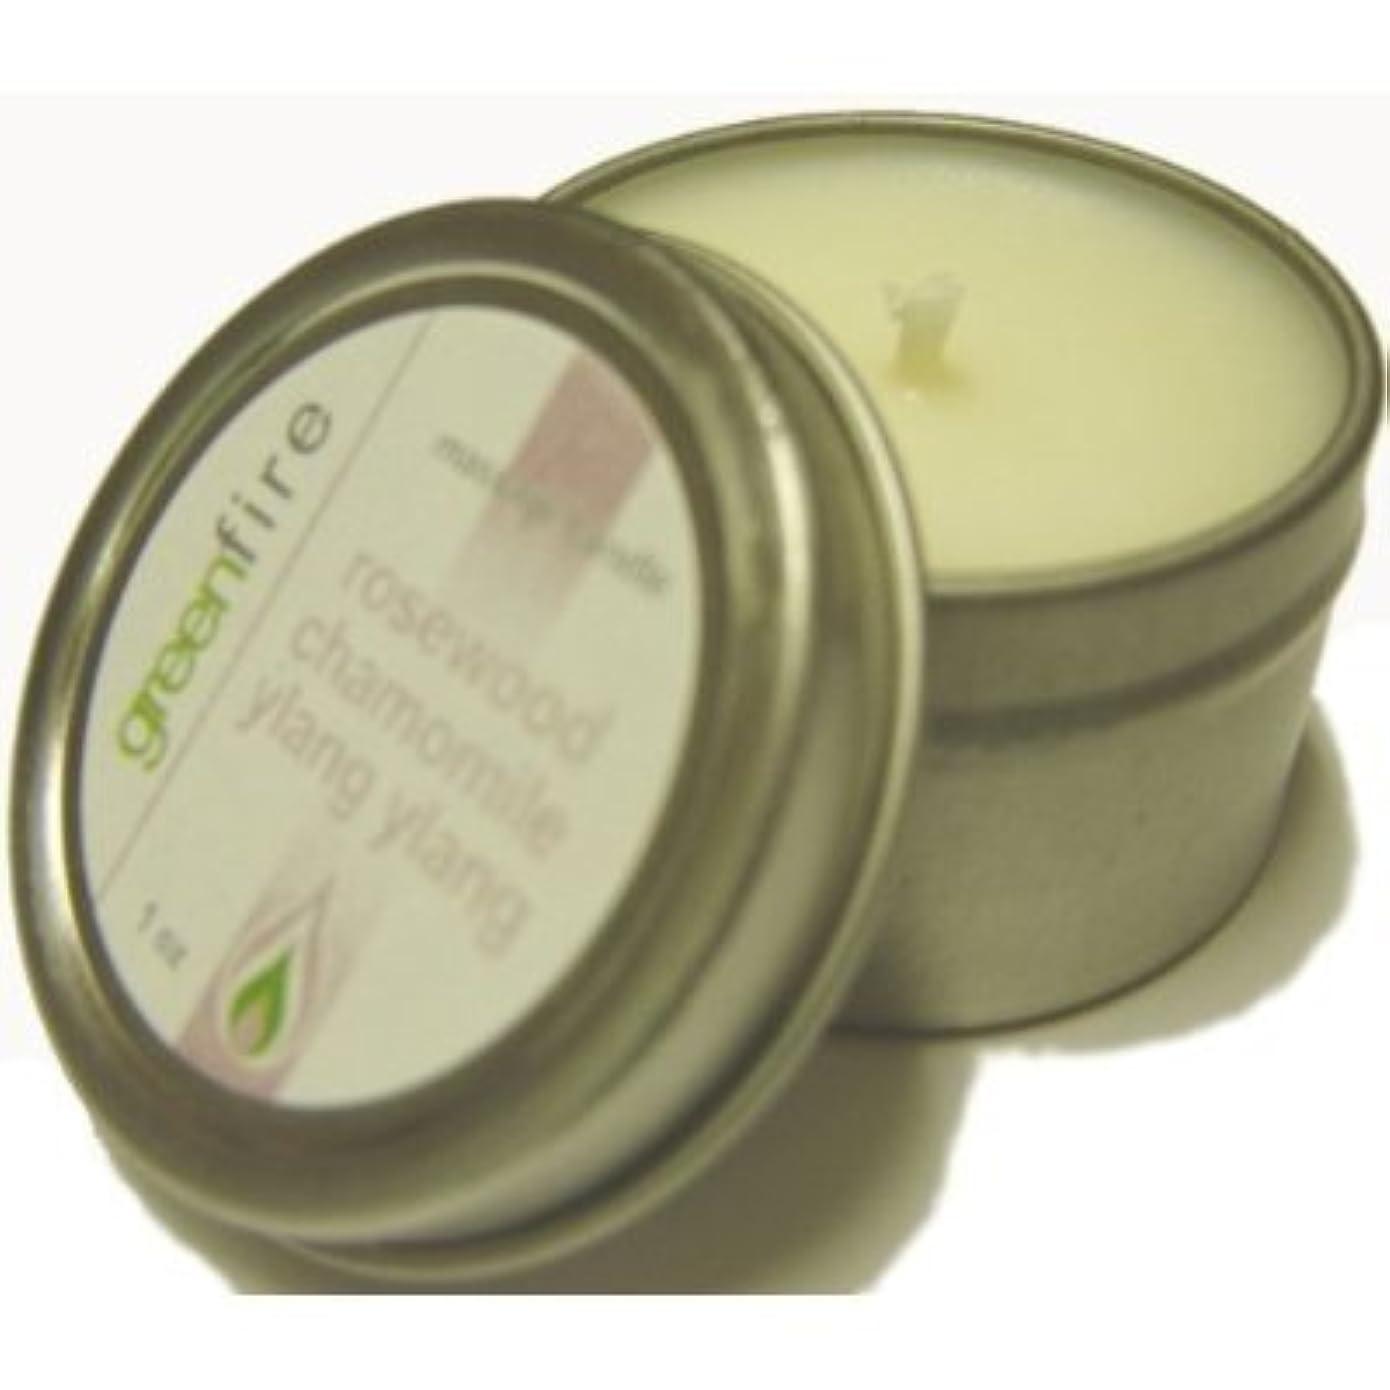 スカリー精査するどちらもグリーンファイヤーマッサージキャンドル/3パック入り ローズウッド?カモミール?イランイランの香り(サイズ:29.6mL、59.1mL、118.3mL)